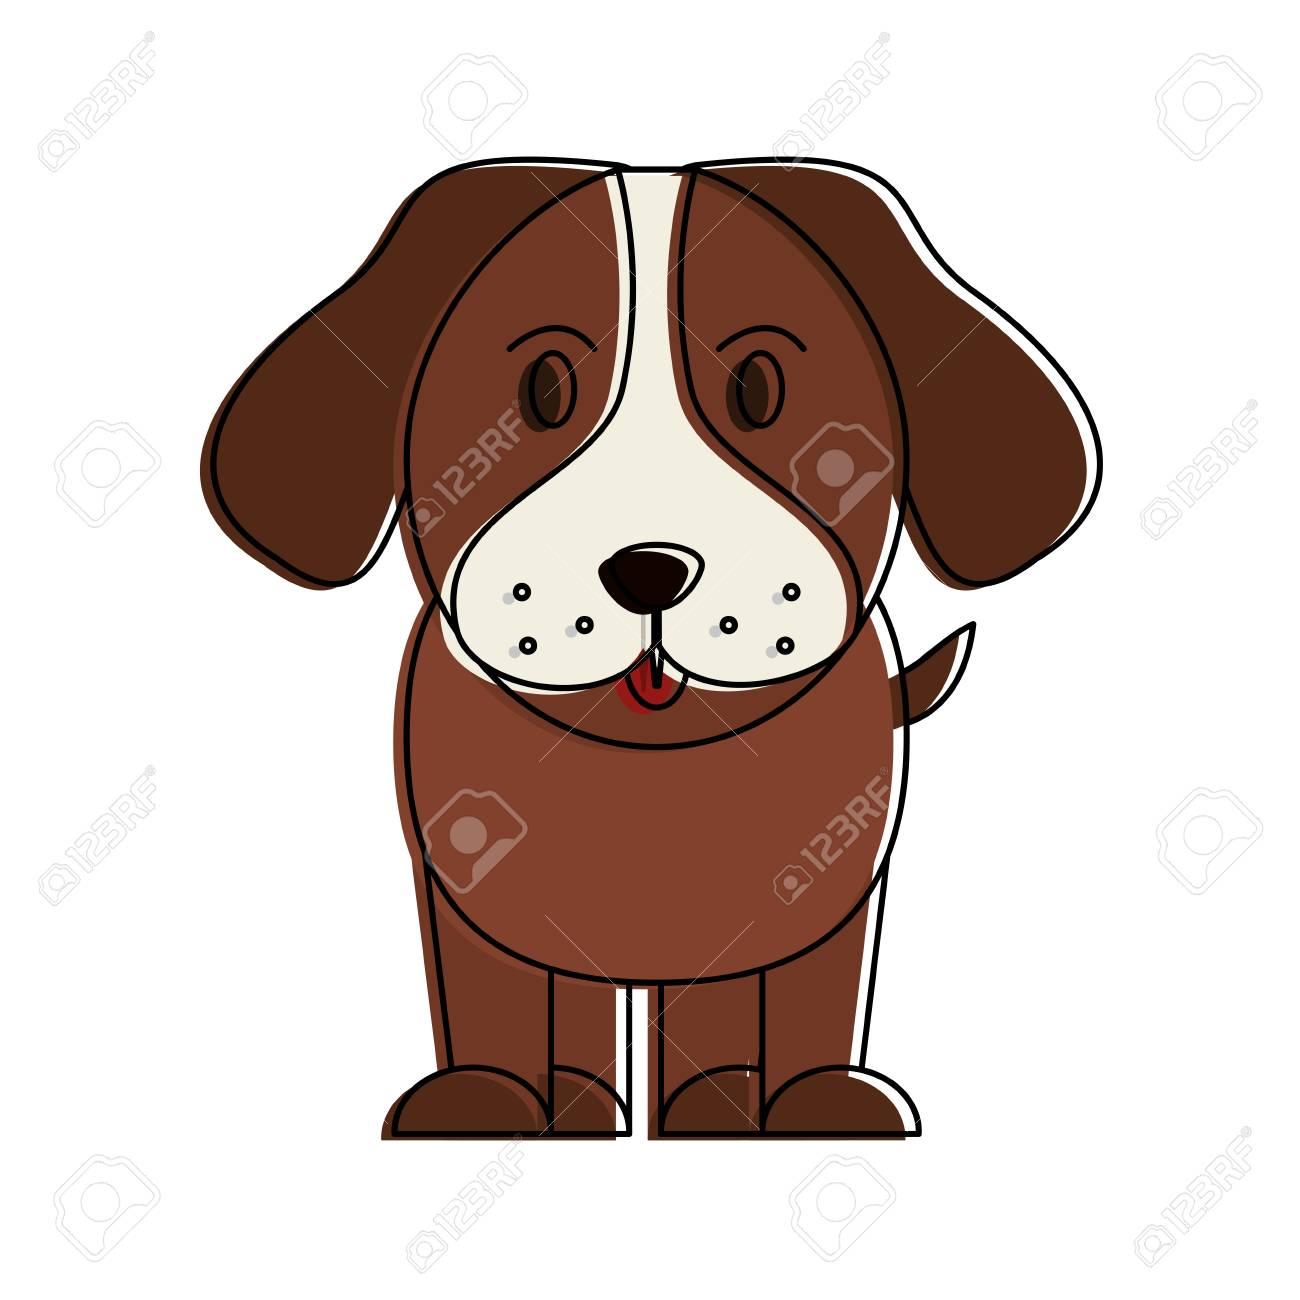 犬ペットの顔アイコン画像ベクトル イラスト デザインのイラスト素材